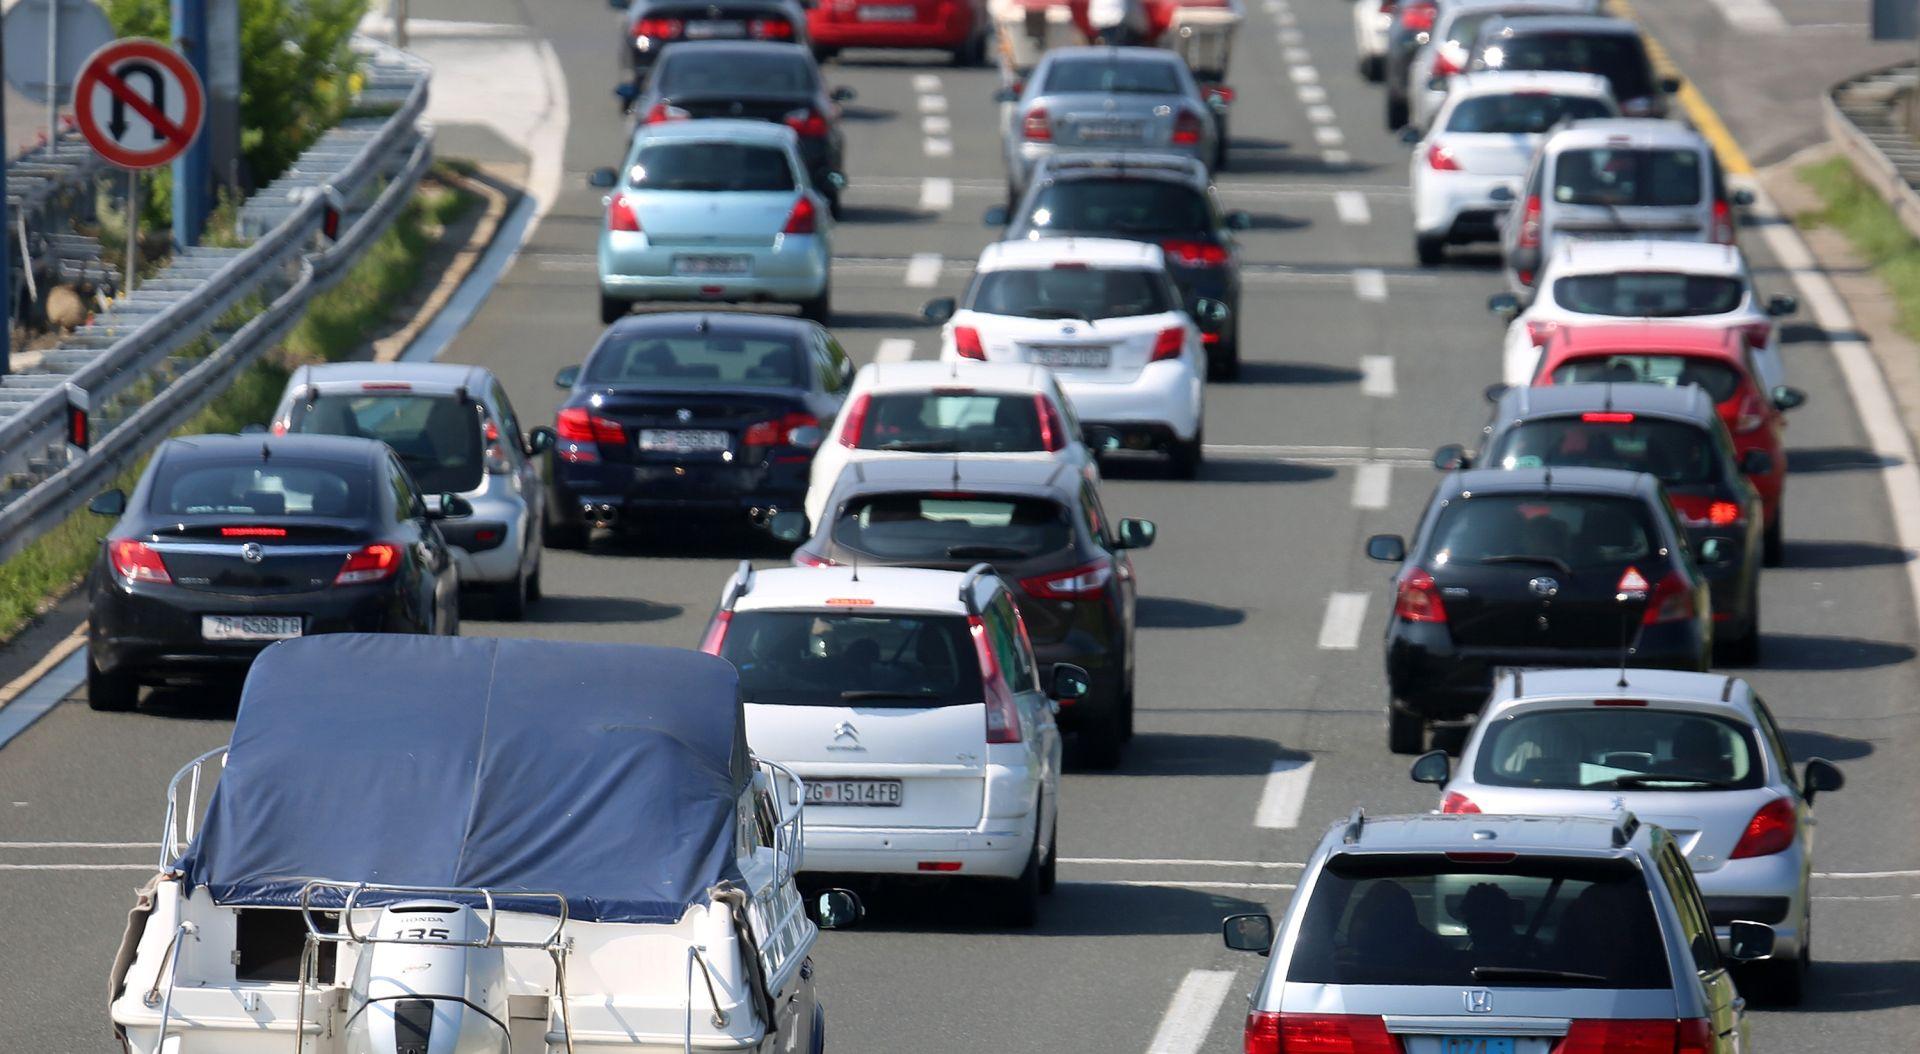 HAK Promet bez većih ograničenja, tijekom dana pojačan promet prema moru